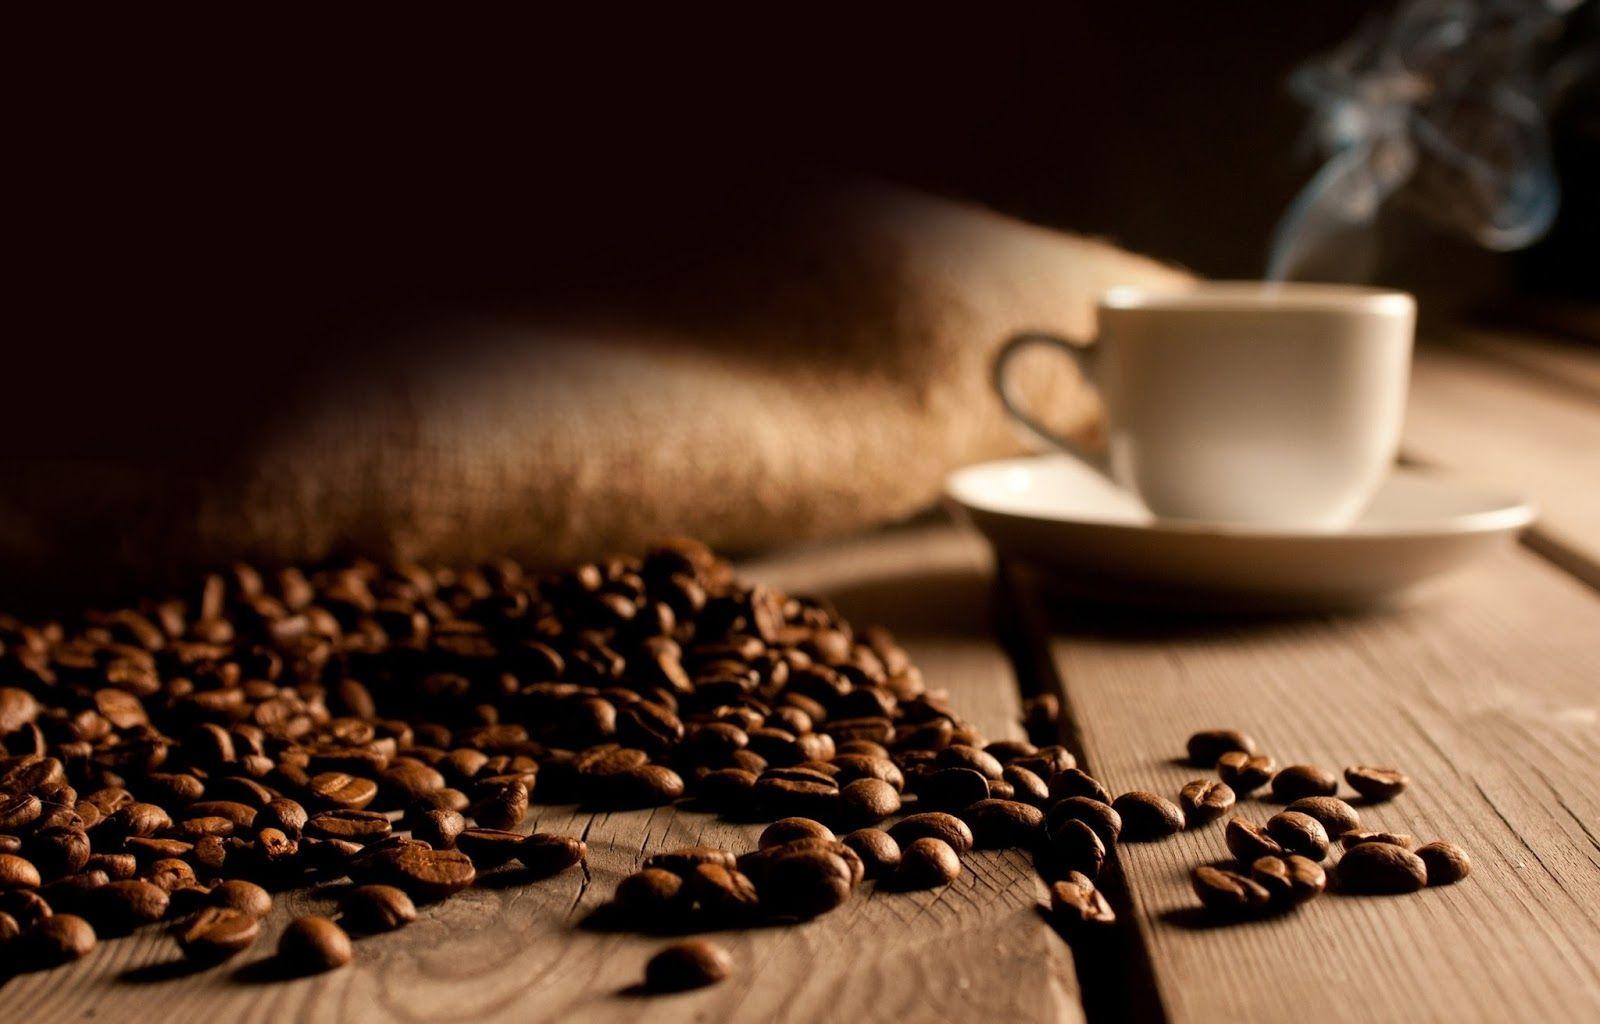 Coffee Hd Wallpaper Wallpaper Trends Coffee Beans Arabica Coffee Beans Coffee Photography Hd wallpaper coffee grinder coffee beans